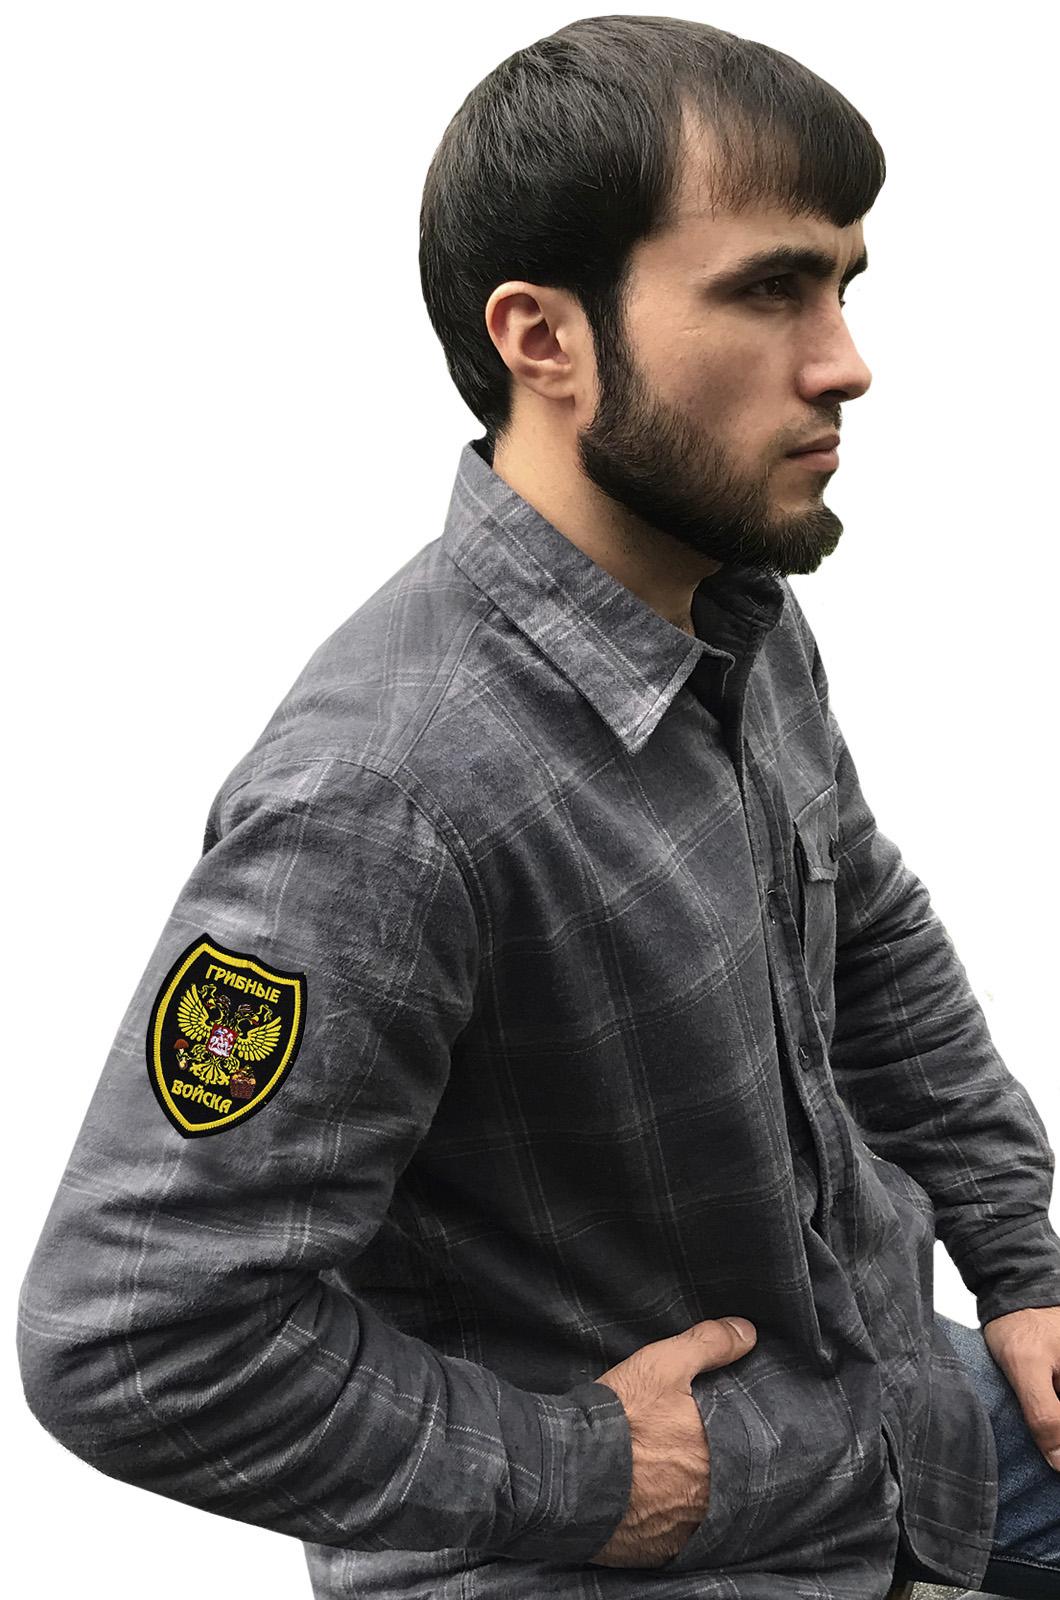 Стильная рубашка с вышитым шевроном Грибные Войска - купить с доставкой